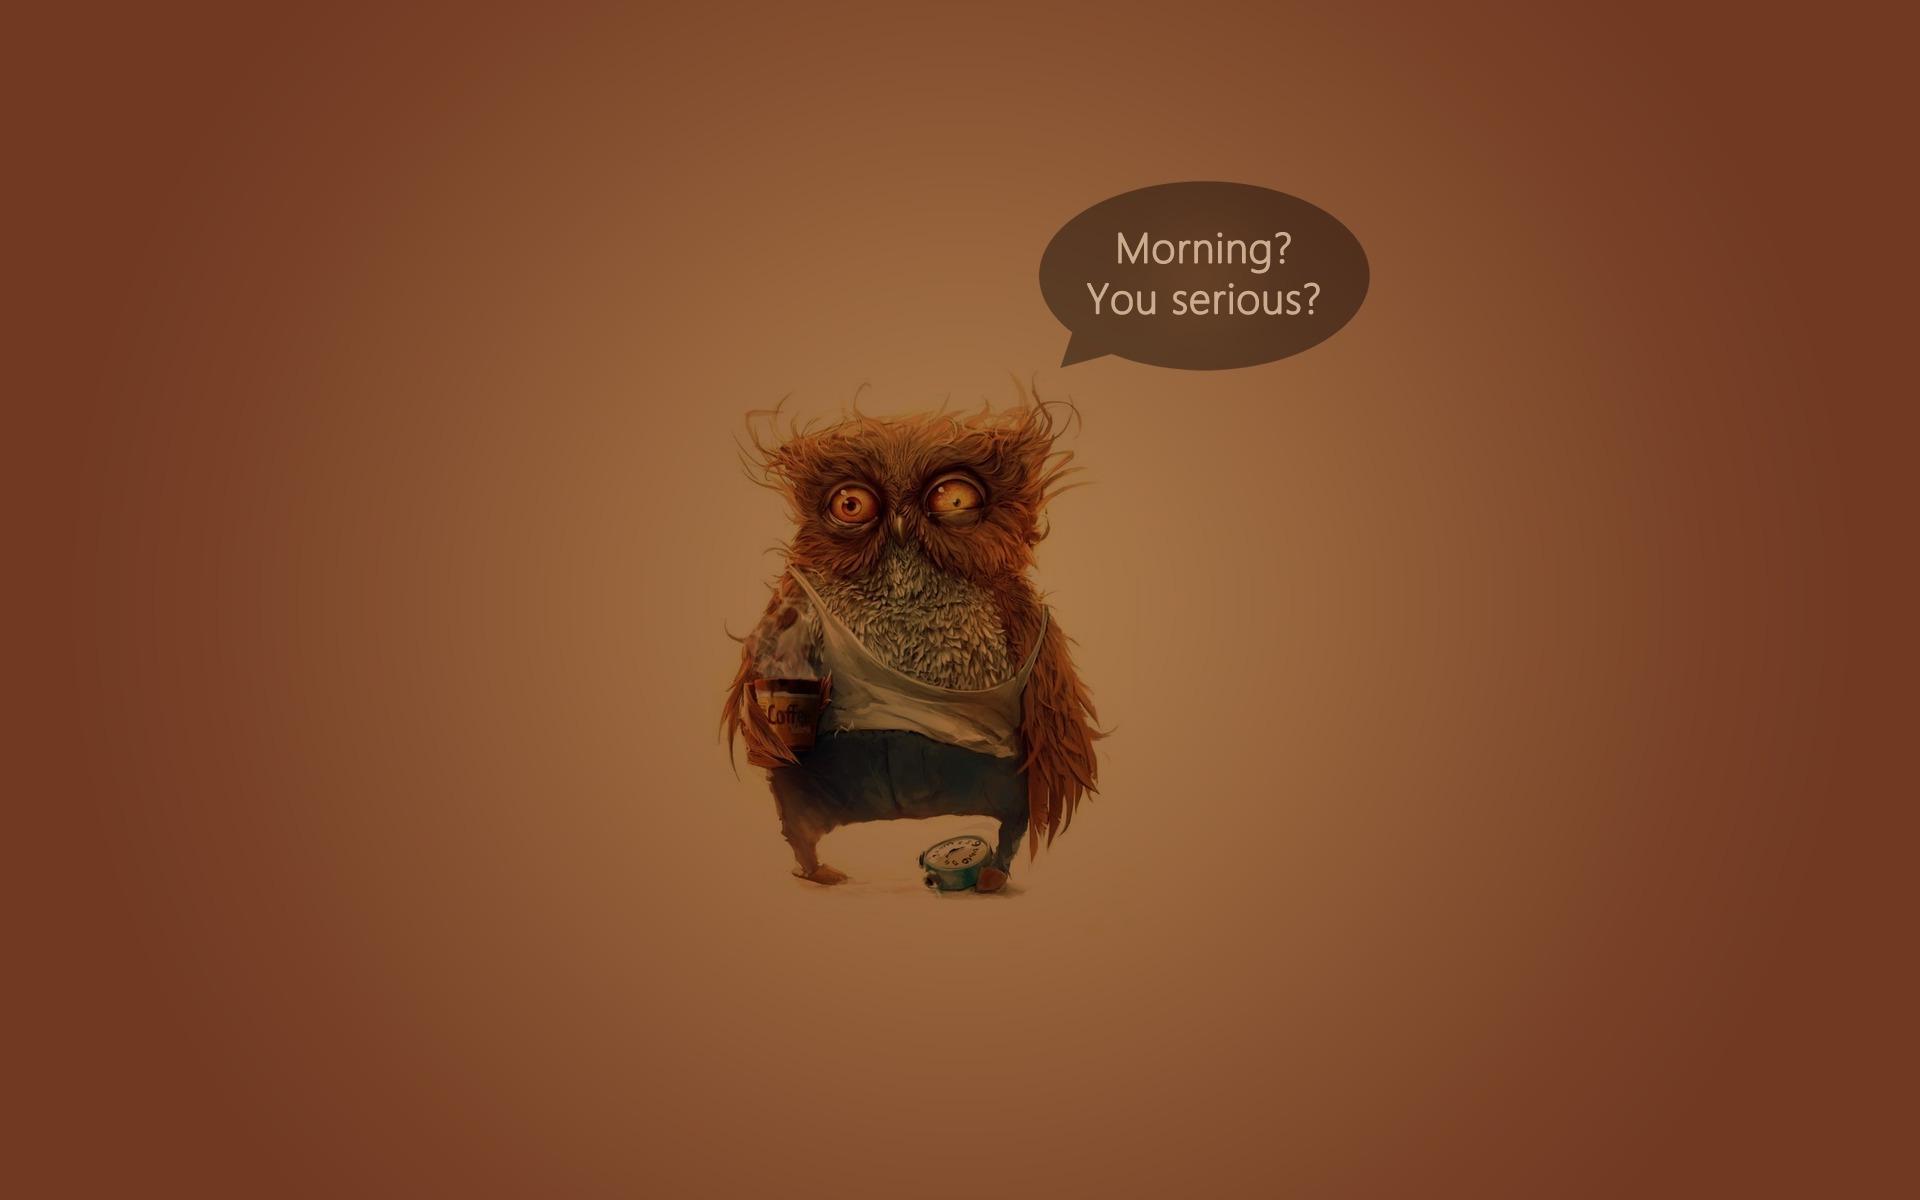 День, смешная картинка невыспавшегося